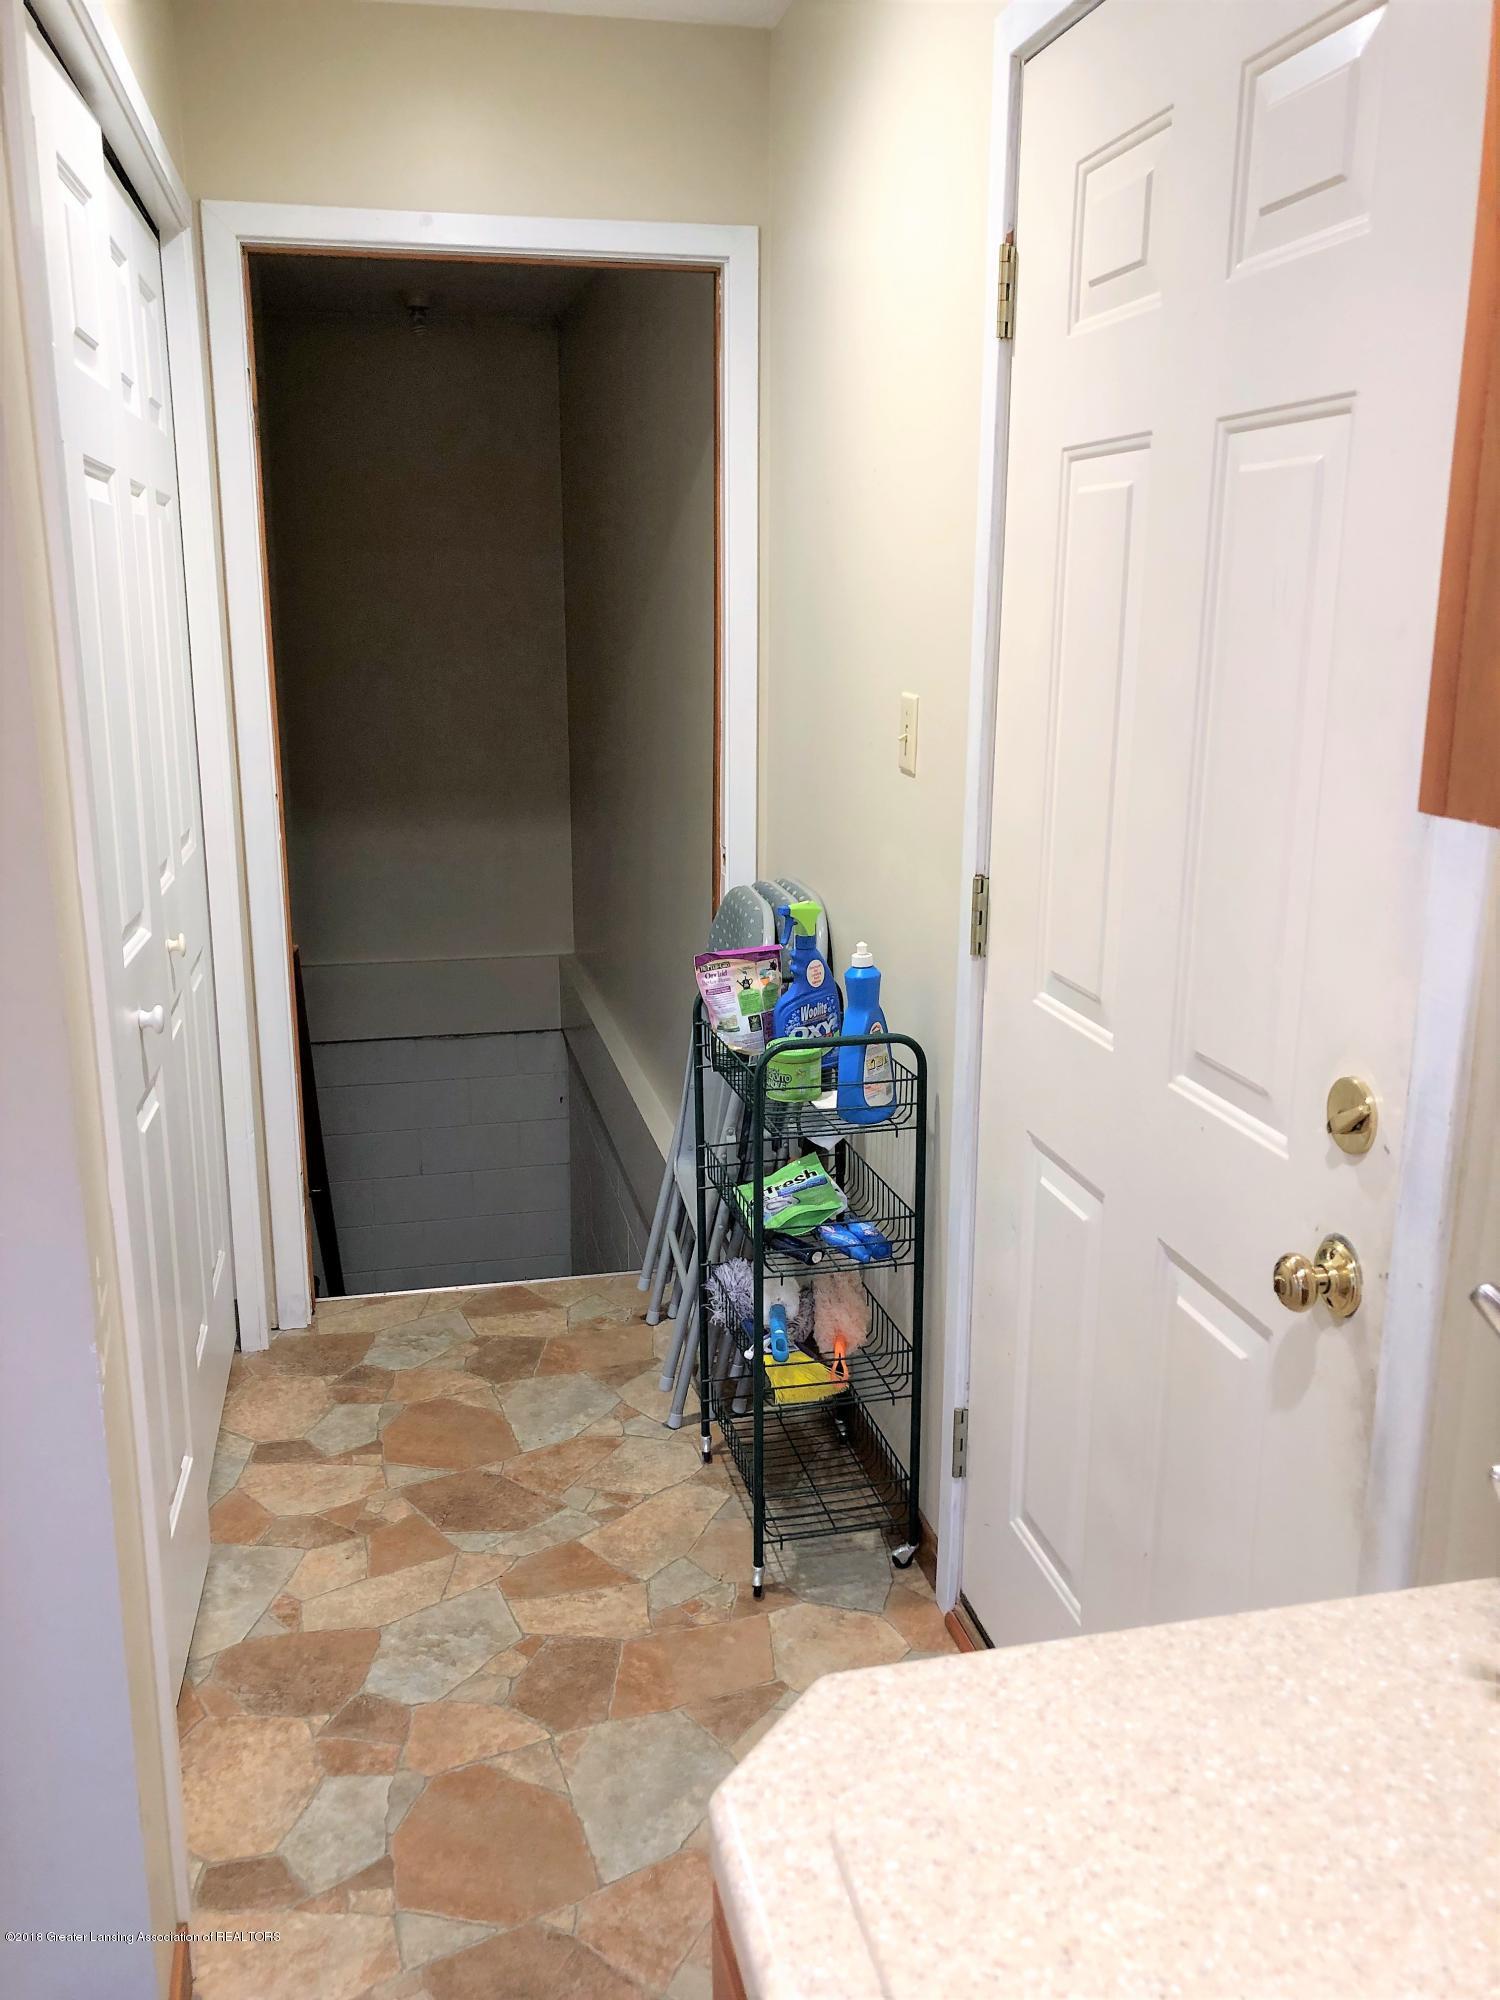 341 S Eifert Rd - Door to basement - 11